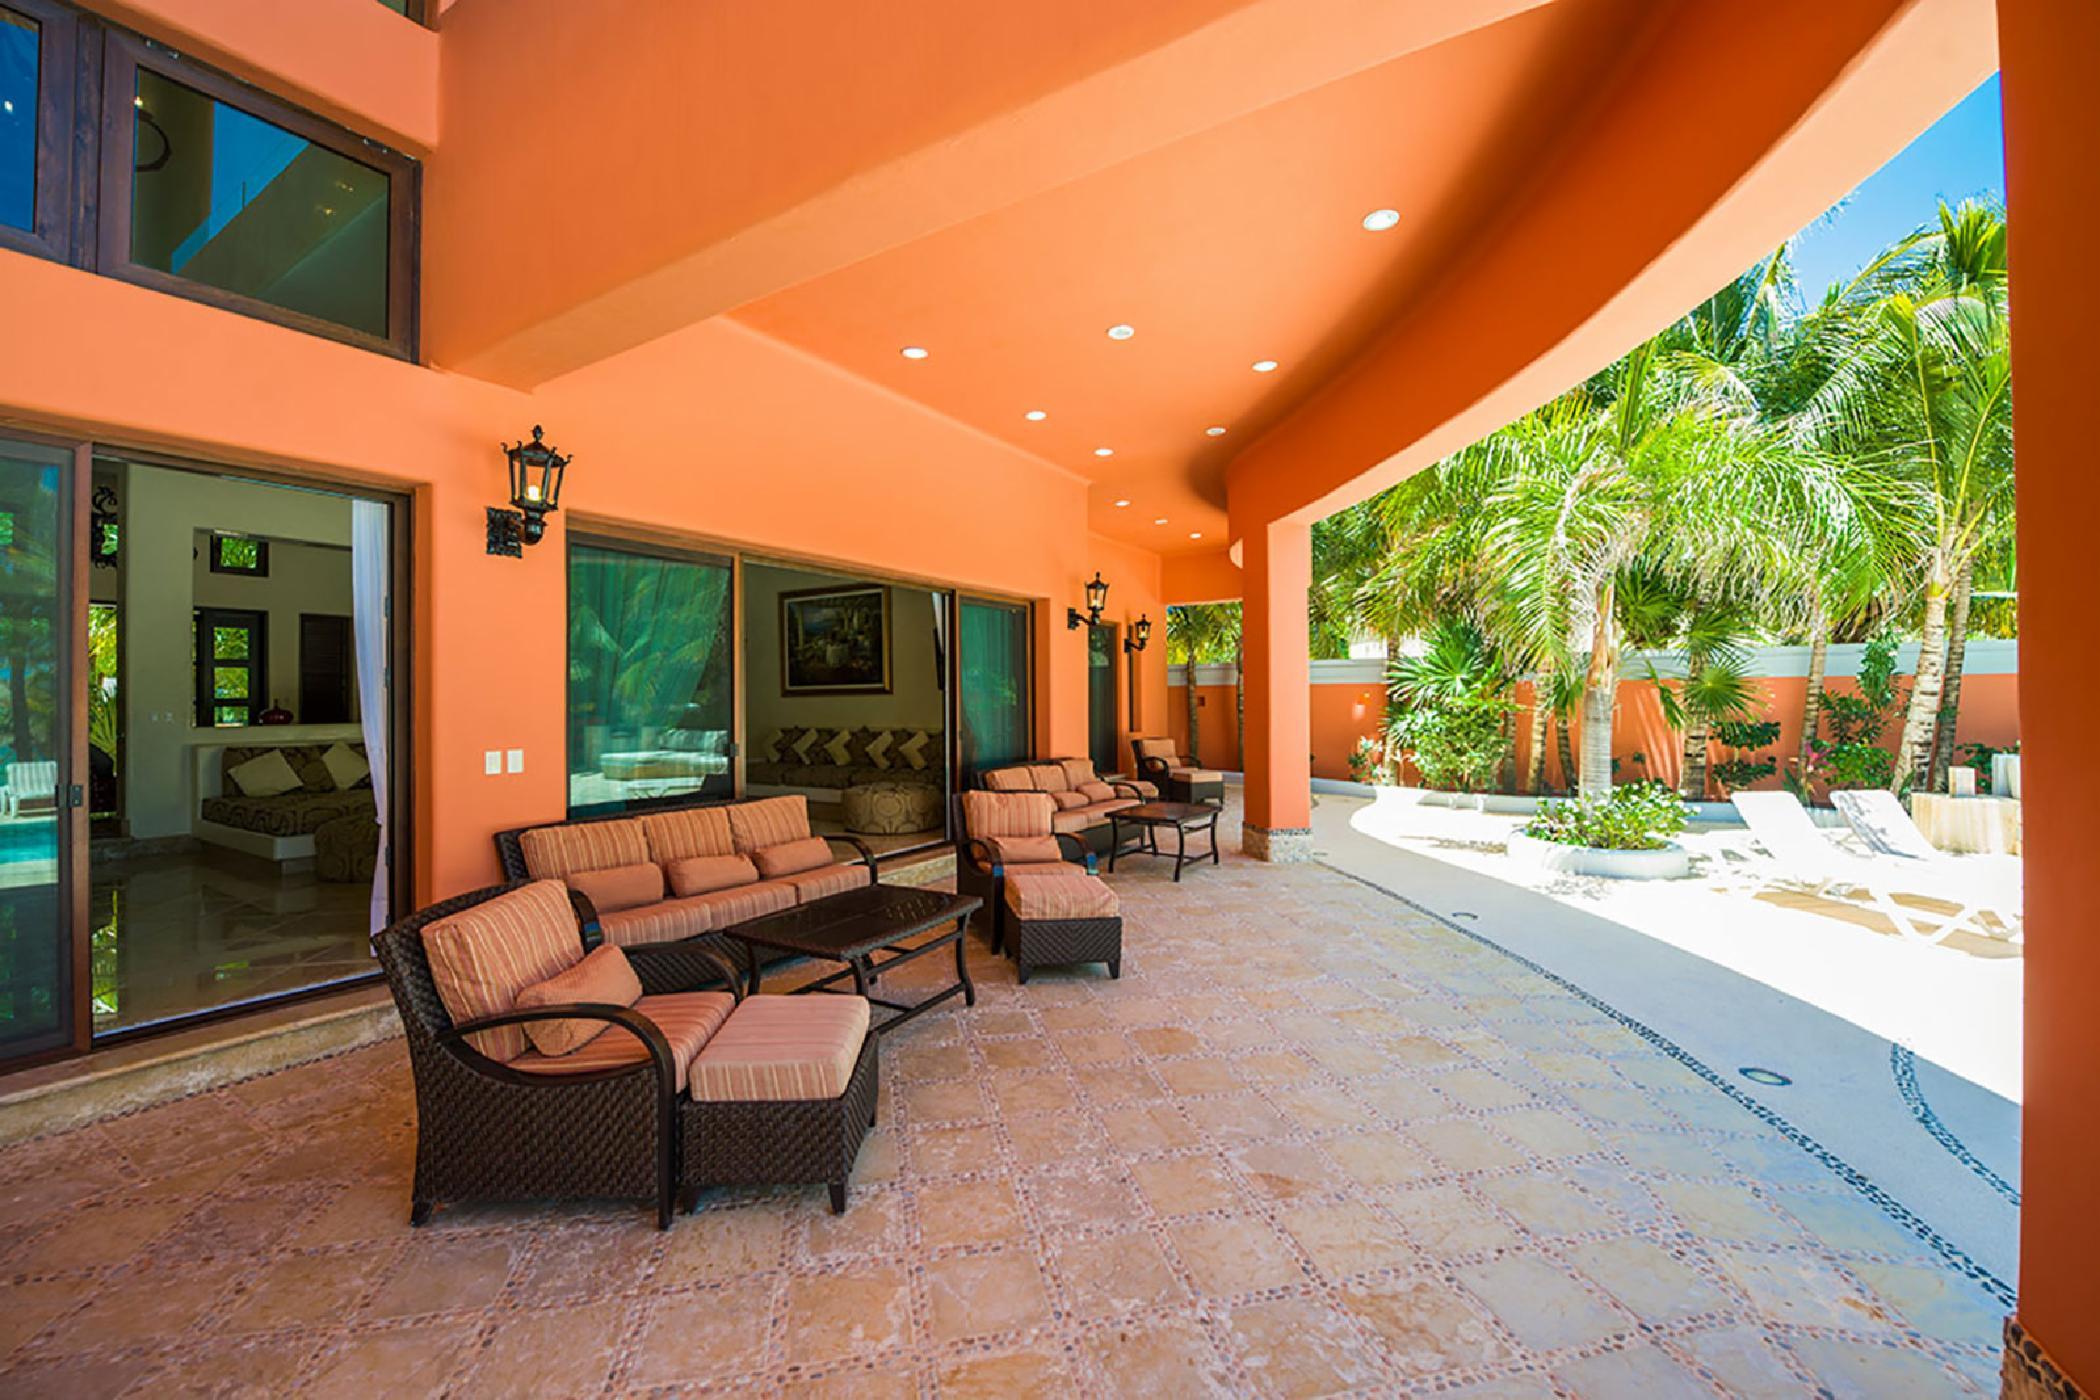 Maya_Luxe_Riviera_Maya_Luxury_Villas_Experiences_Tankah_Bay_Tulum_8_Bedrooms_Cenote_del_Mar_6.jpg